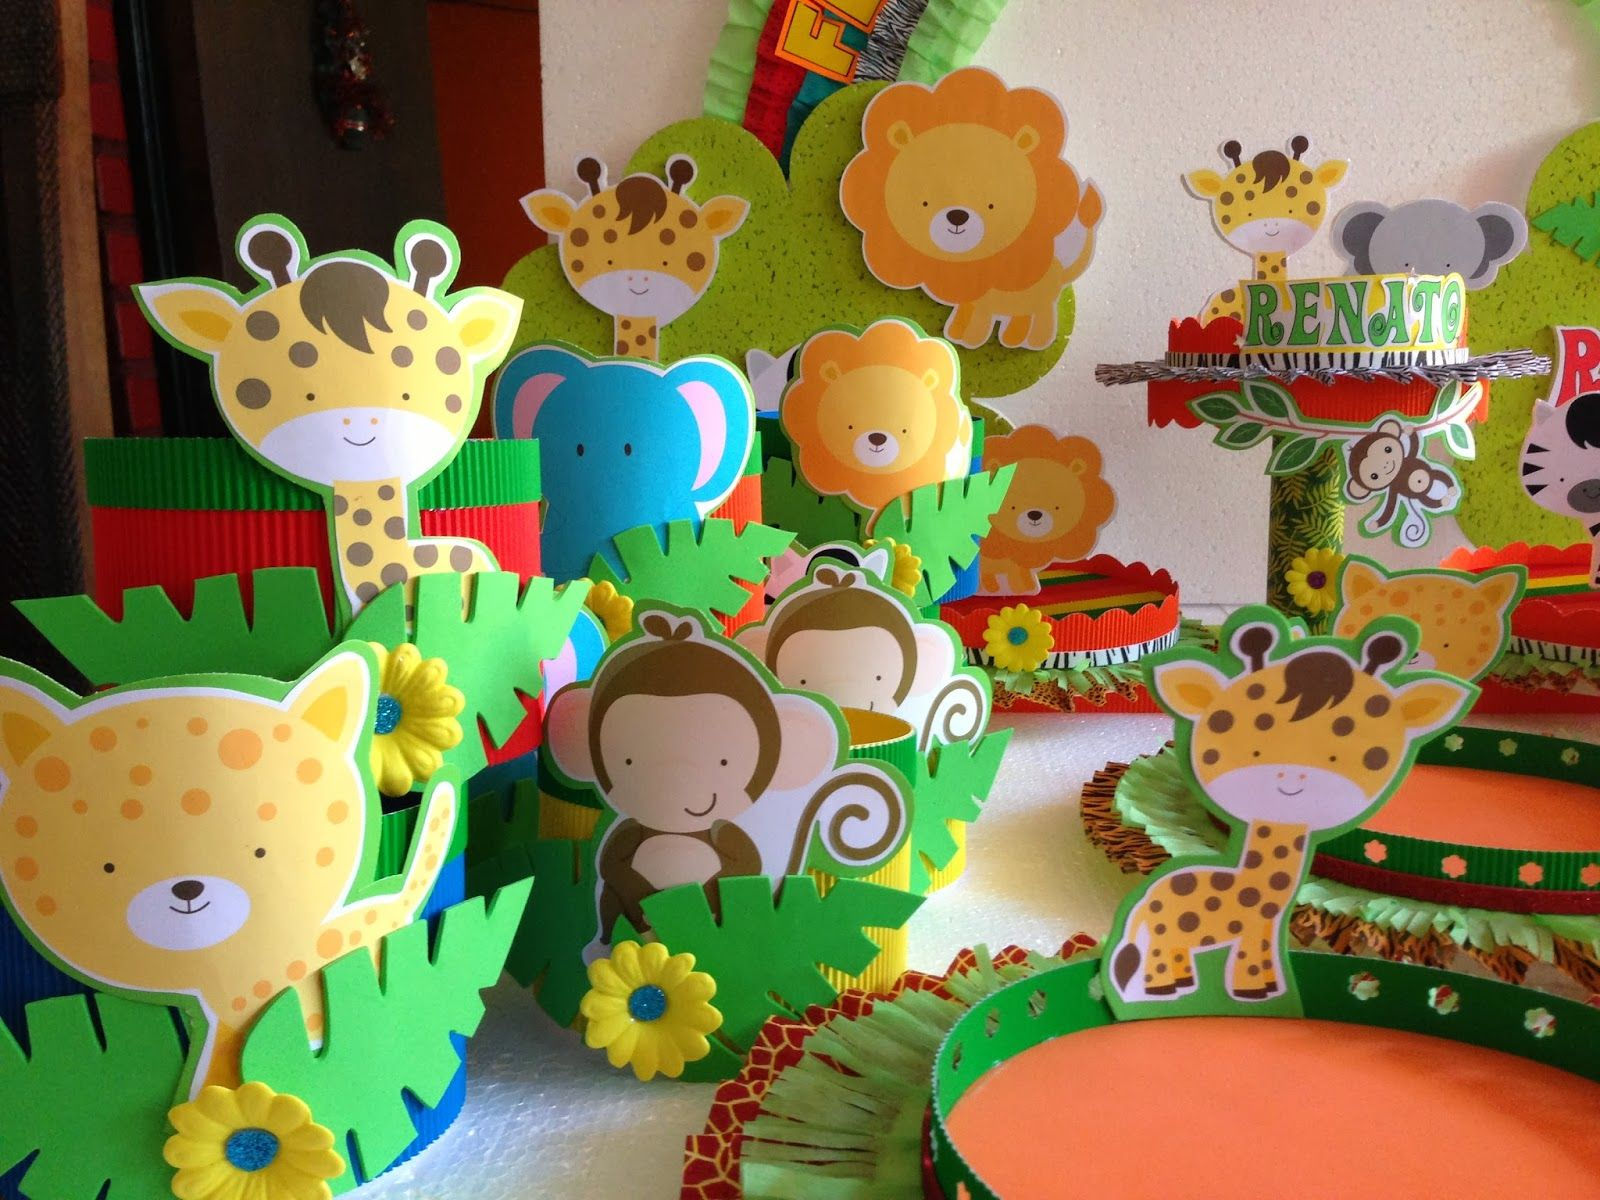 DECORACIONES INFANTILES: animalitos de la selva | cumpleaños de ...